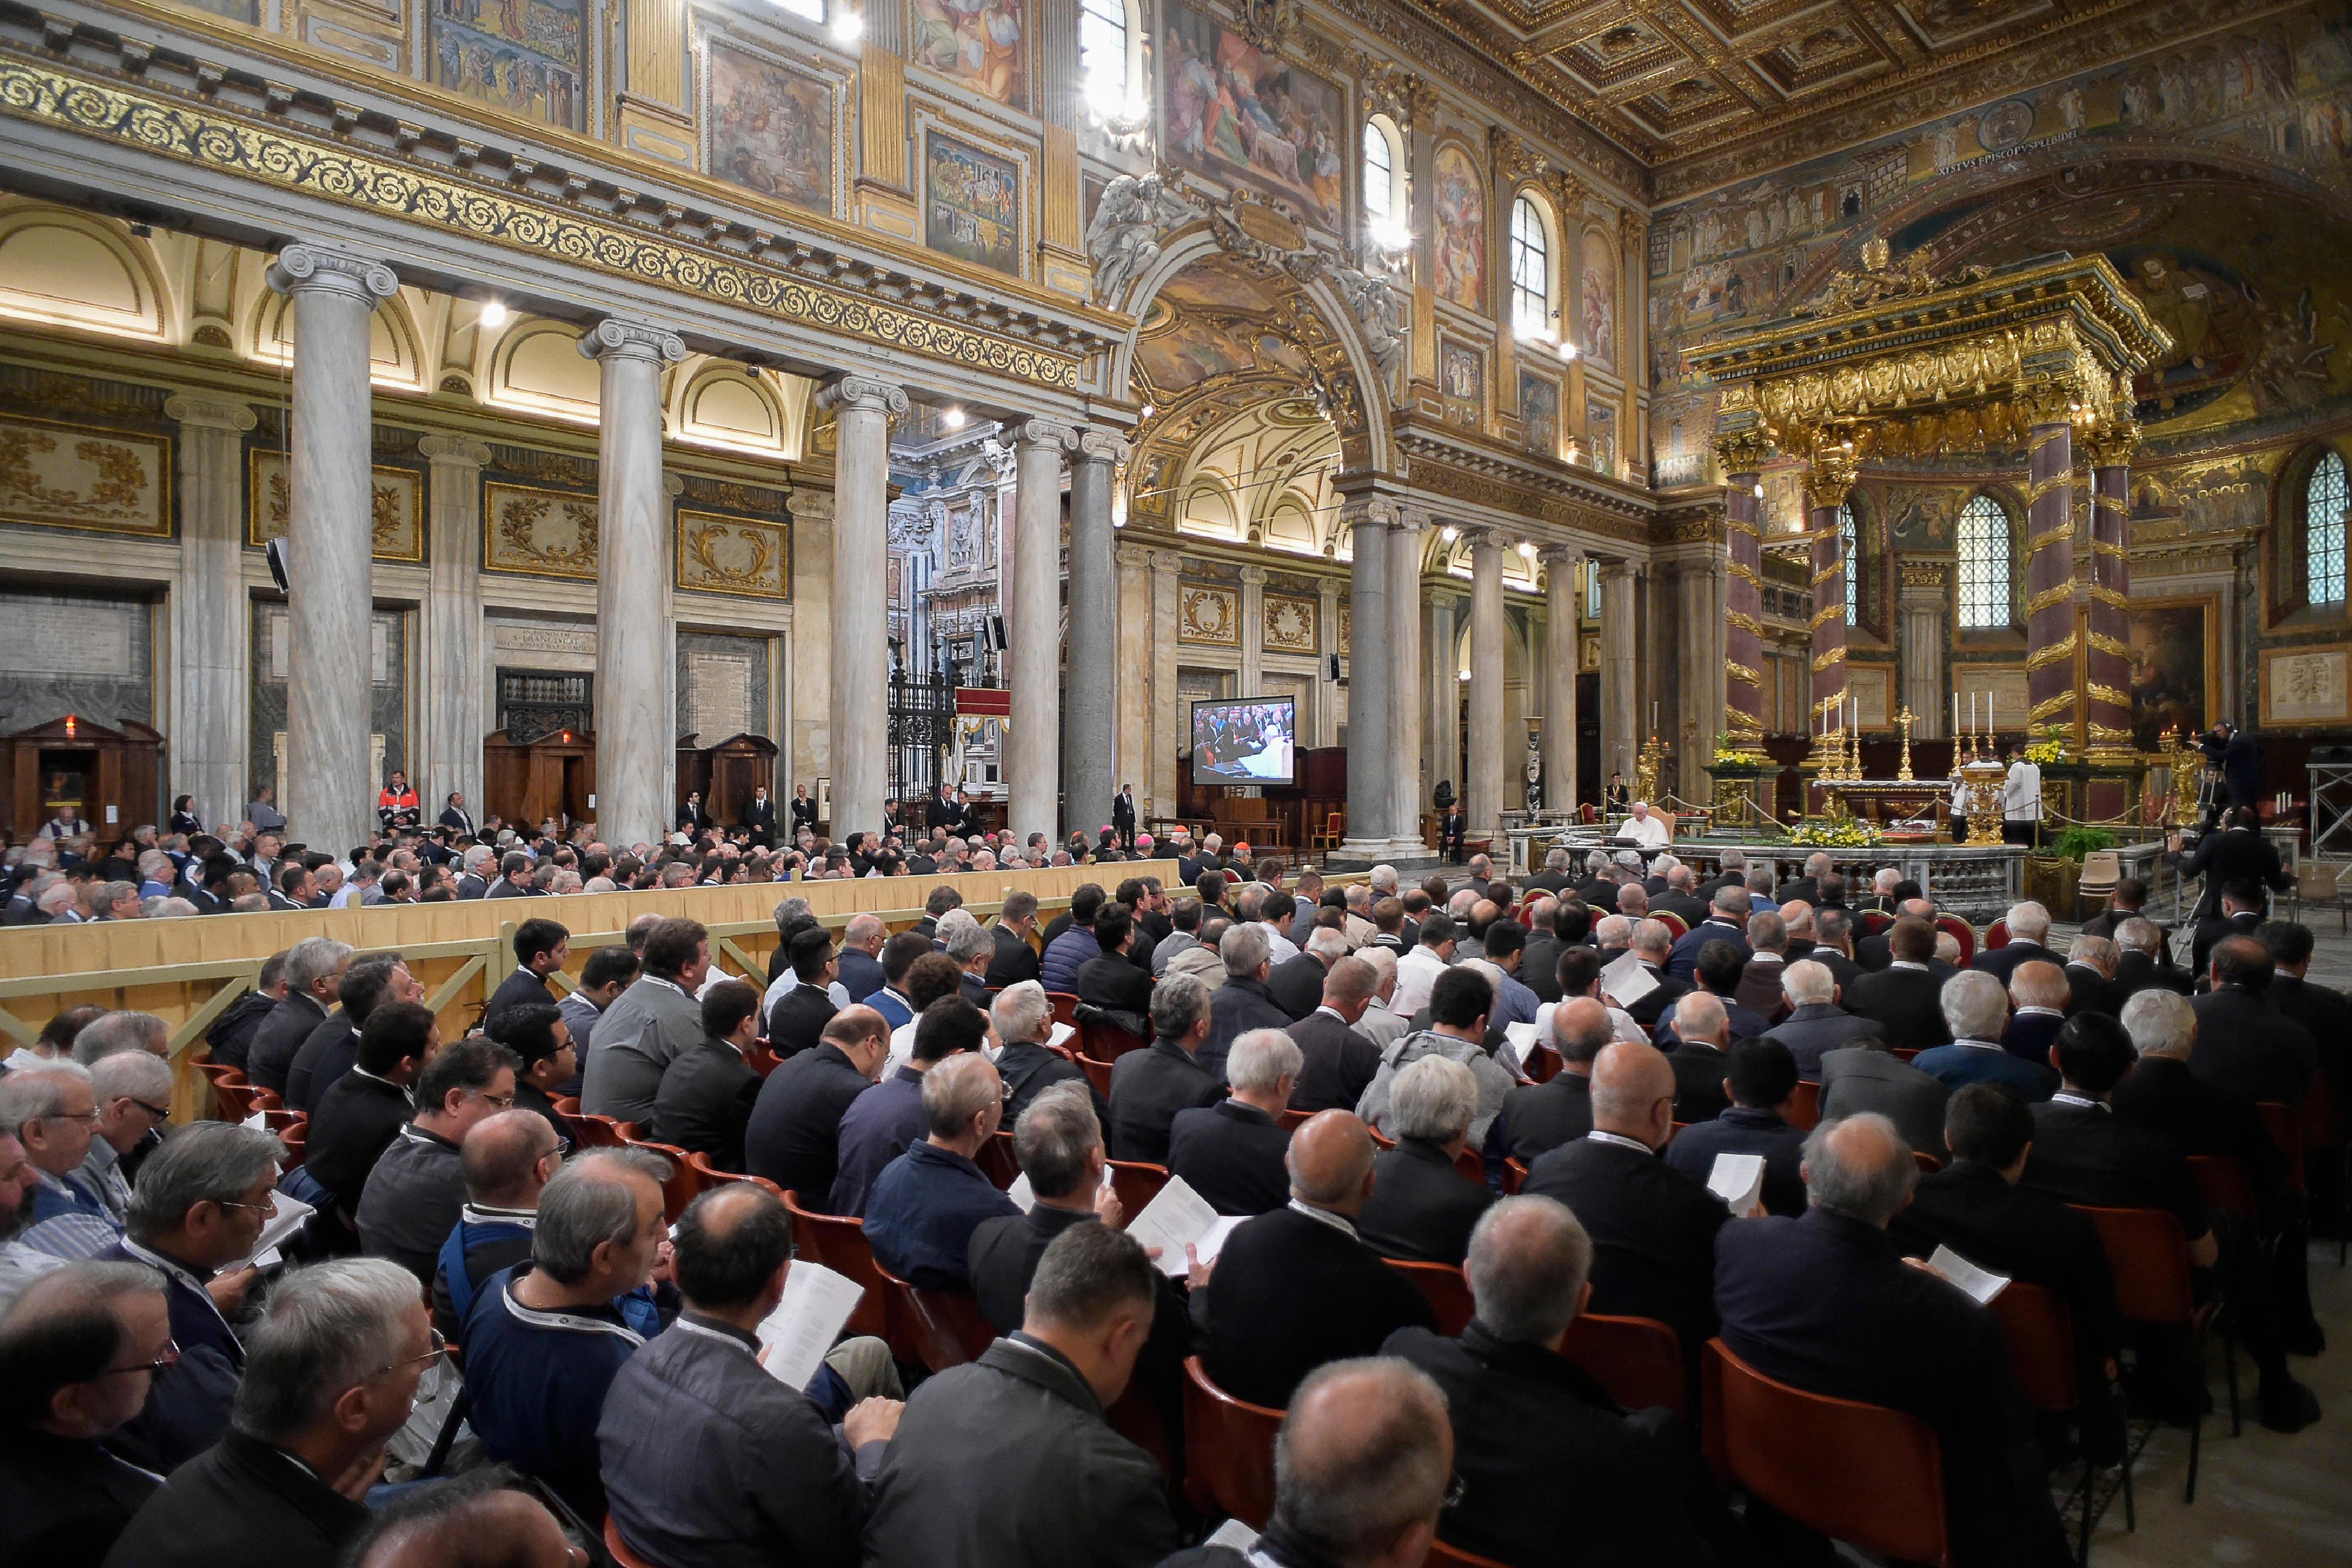 Jubilé des prêtres, 2e méditation, Sainte-Marie-Majeure, 2 juin 2016, L'Osservatore Romano